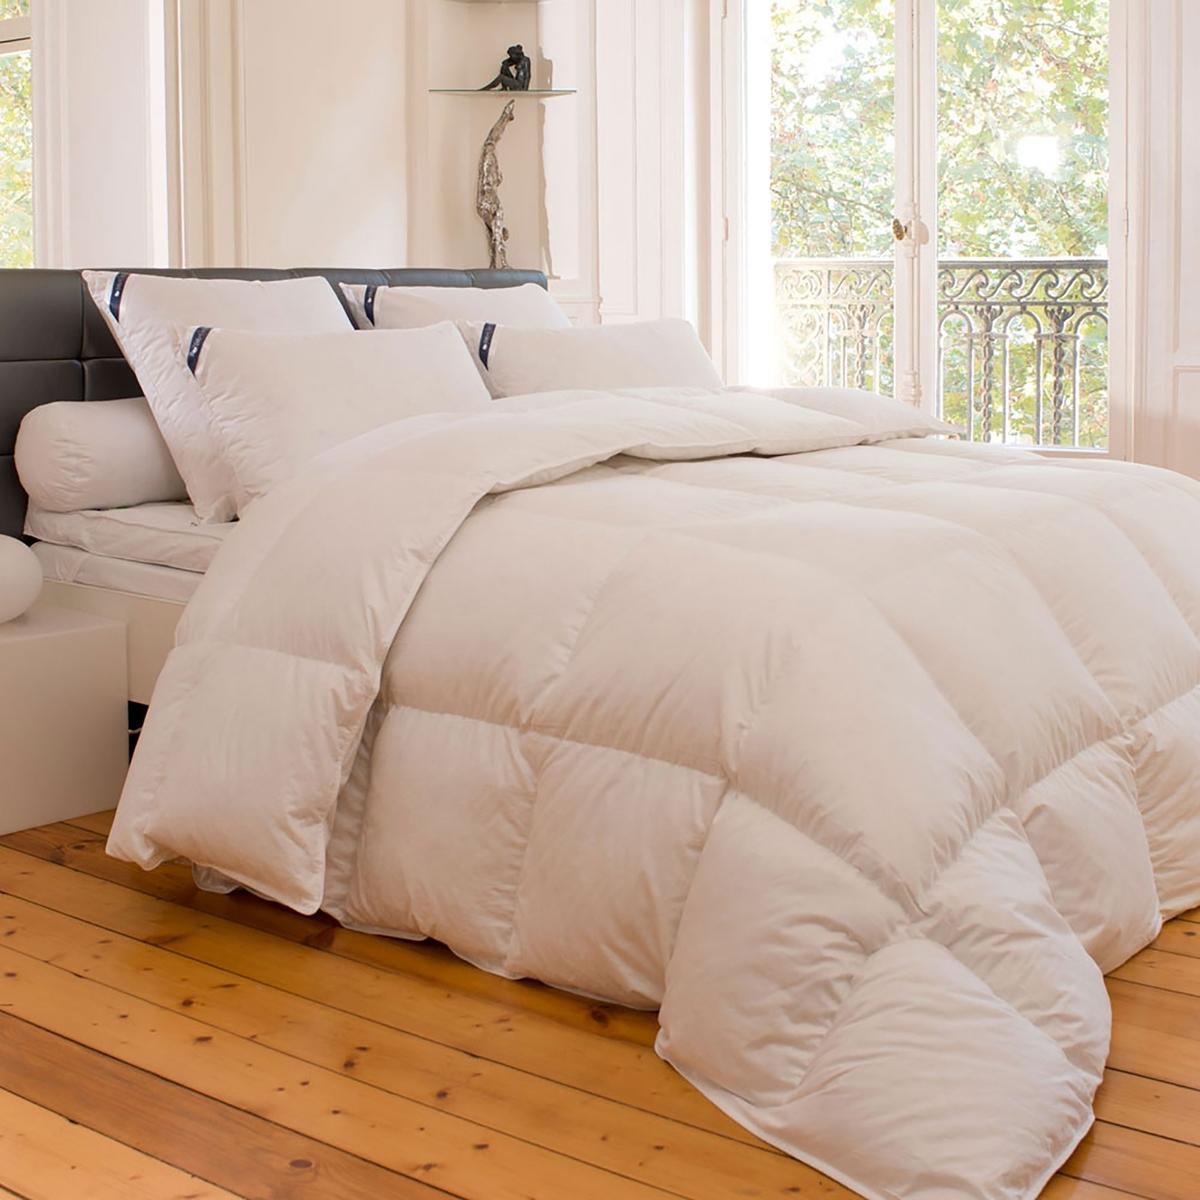 Одеяло из натурального материала «Univers». Качественный и натуральный белый гусиный пух .